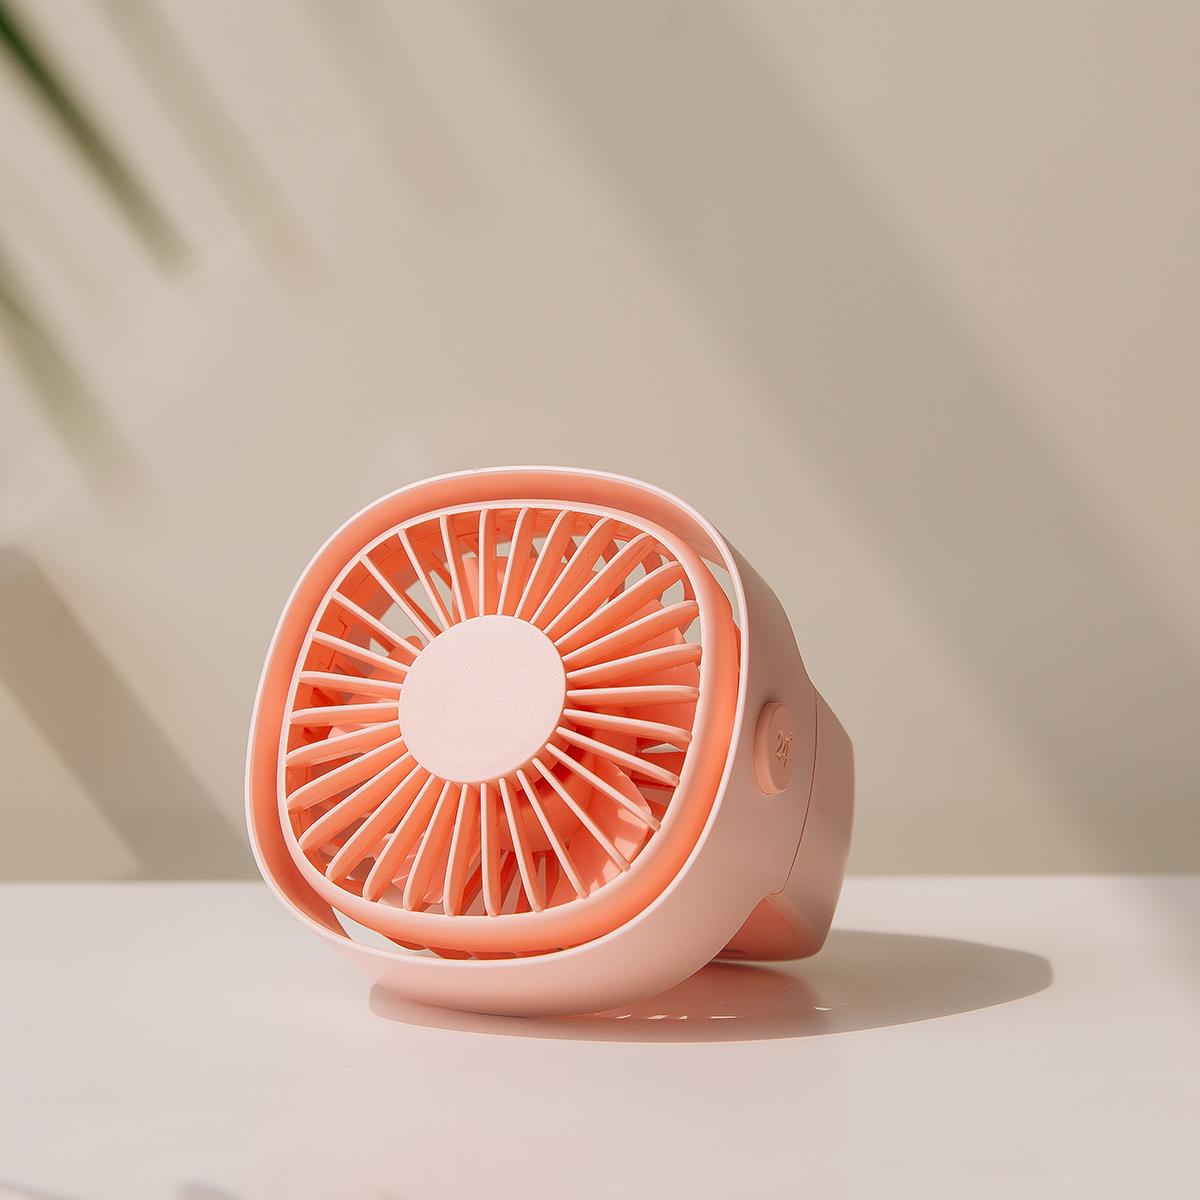 3life Mini FanRotating Настольный вентилятор с низким уровнем шума Сильный ветер Естественный ветер USB-зарядка [XIAOMI Экологическая цепь]